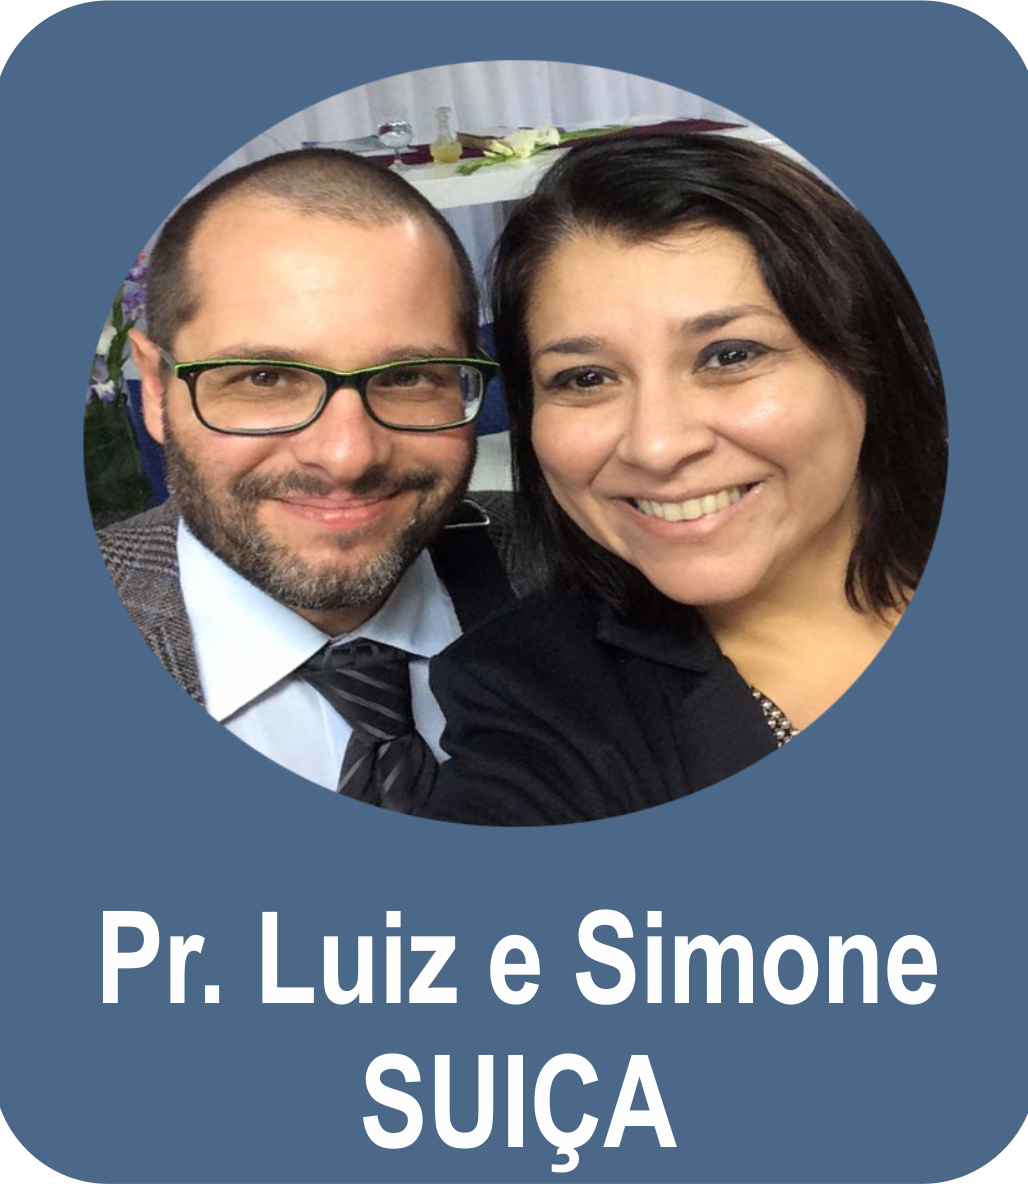 Pr. Luiz Henrique Guimarães e Miss. Simone de Melo Guimarães - Suiça